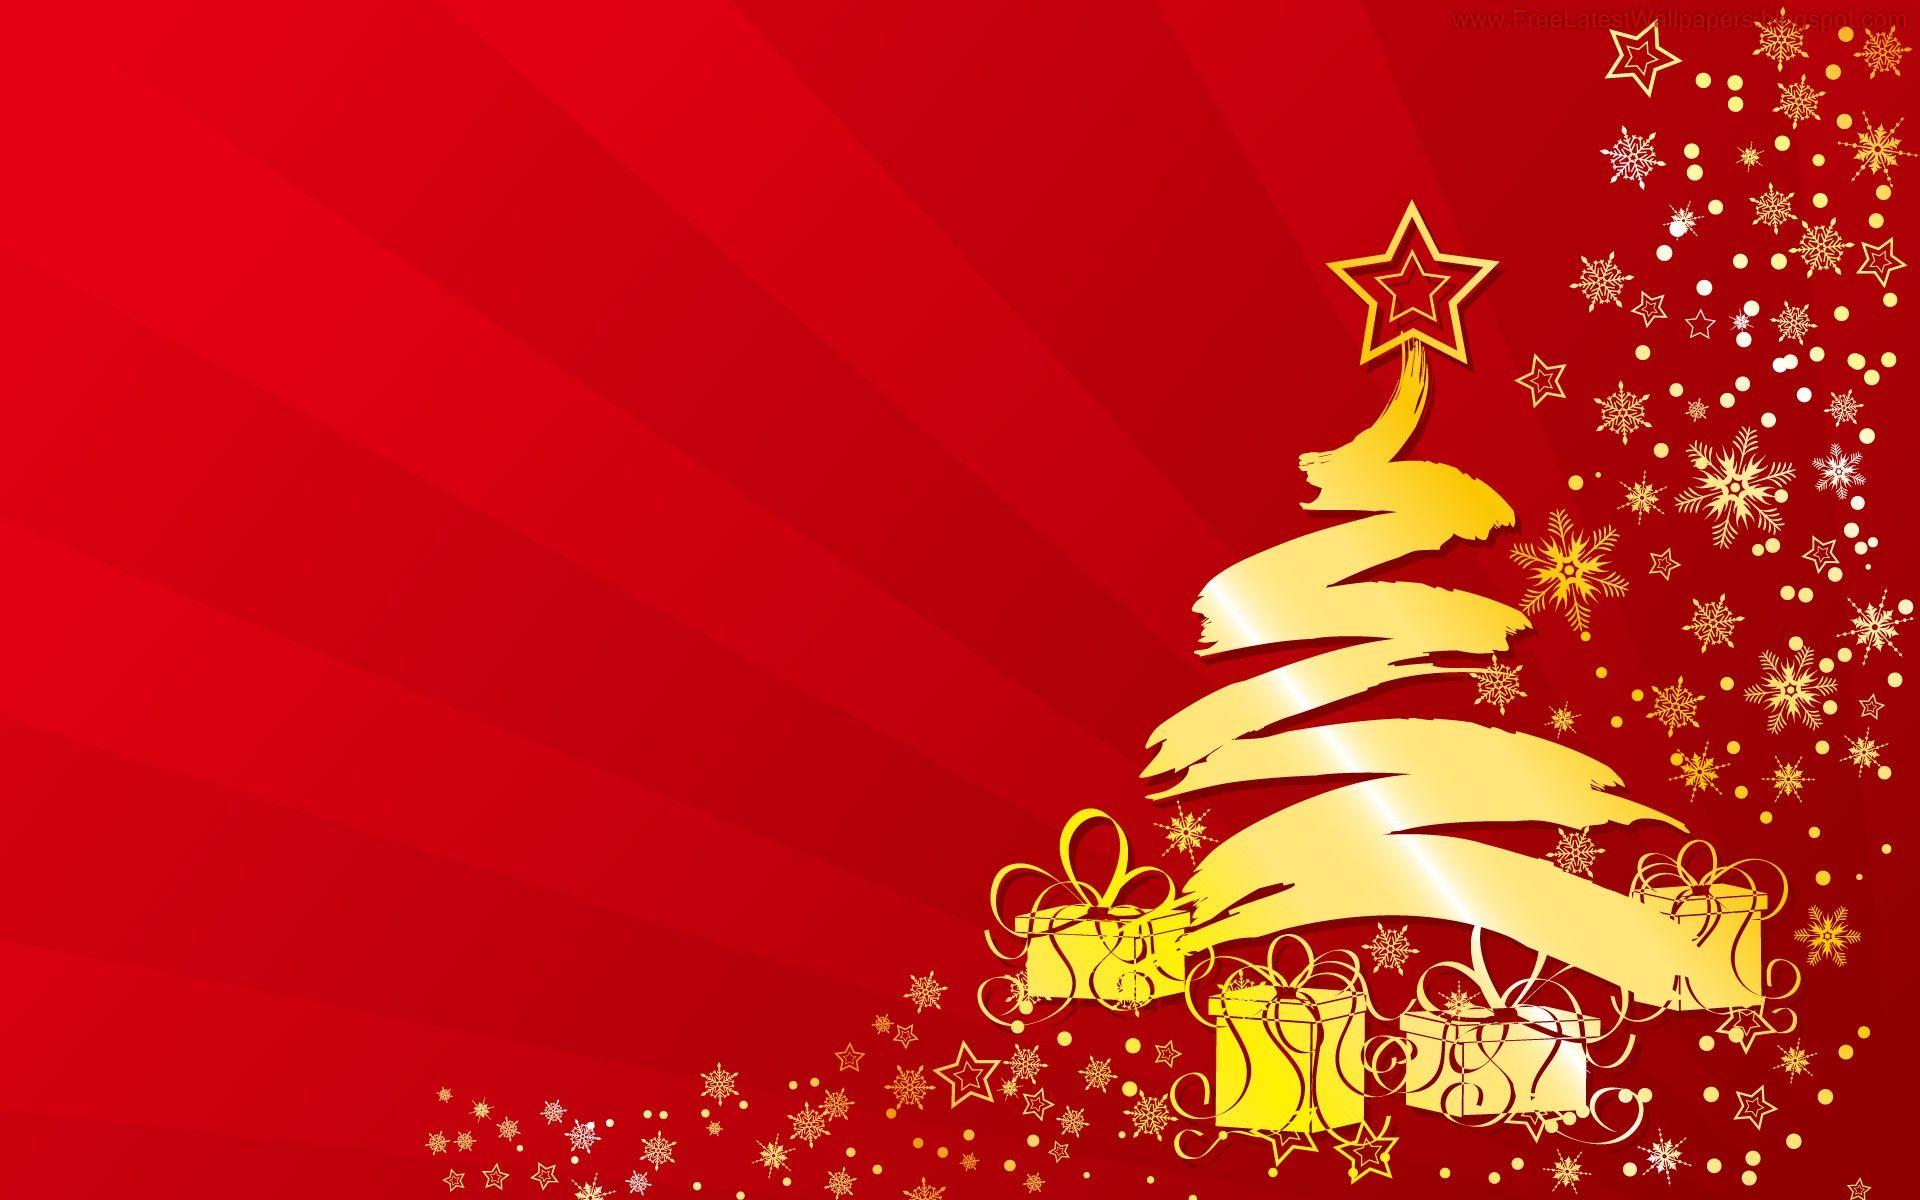 Fondos De Pantalla Hd Navidad 2016: Fondos De Navidad En Hd En Hd Gratis Para Descargar 4 HD